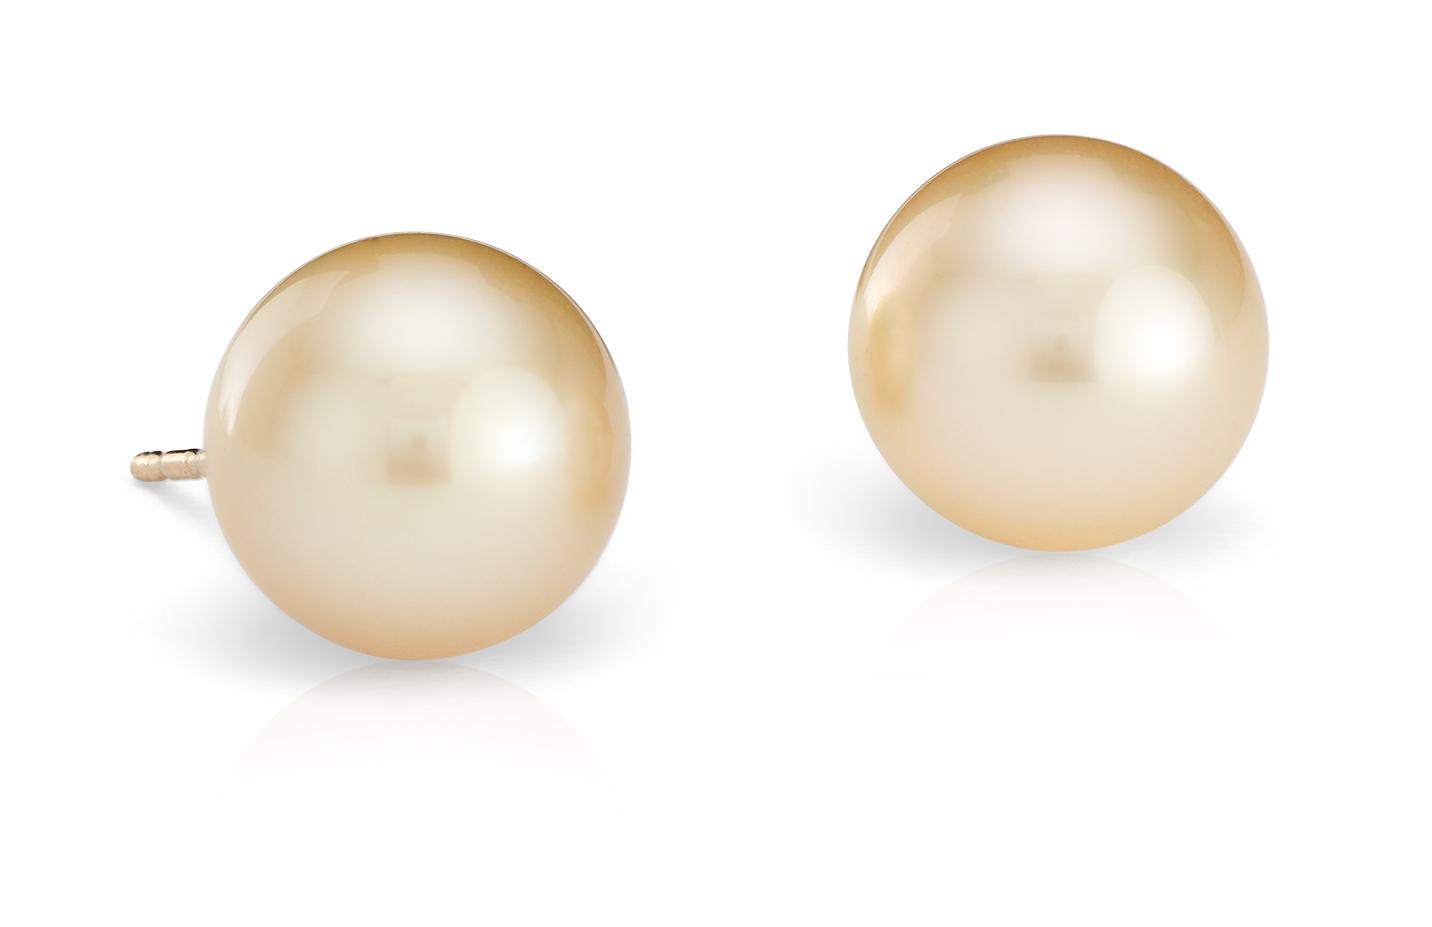 Puces d'oreilles de perle de culture des mers du Sud dorée en or jaune 18carats (9,4mm)